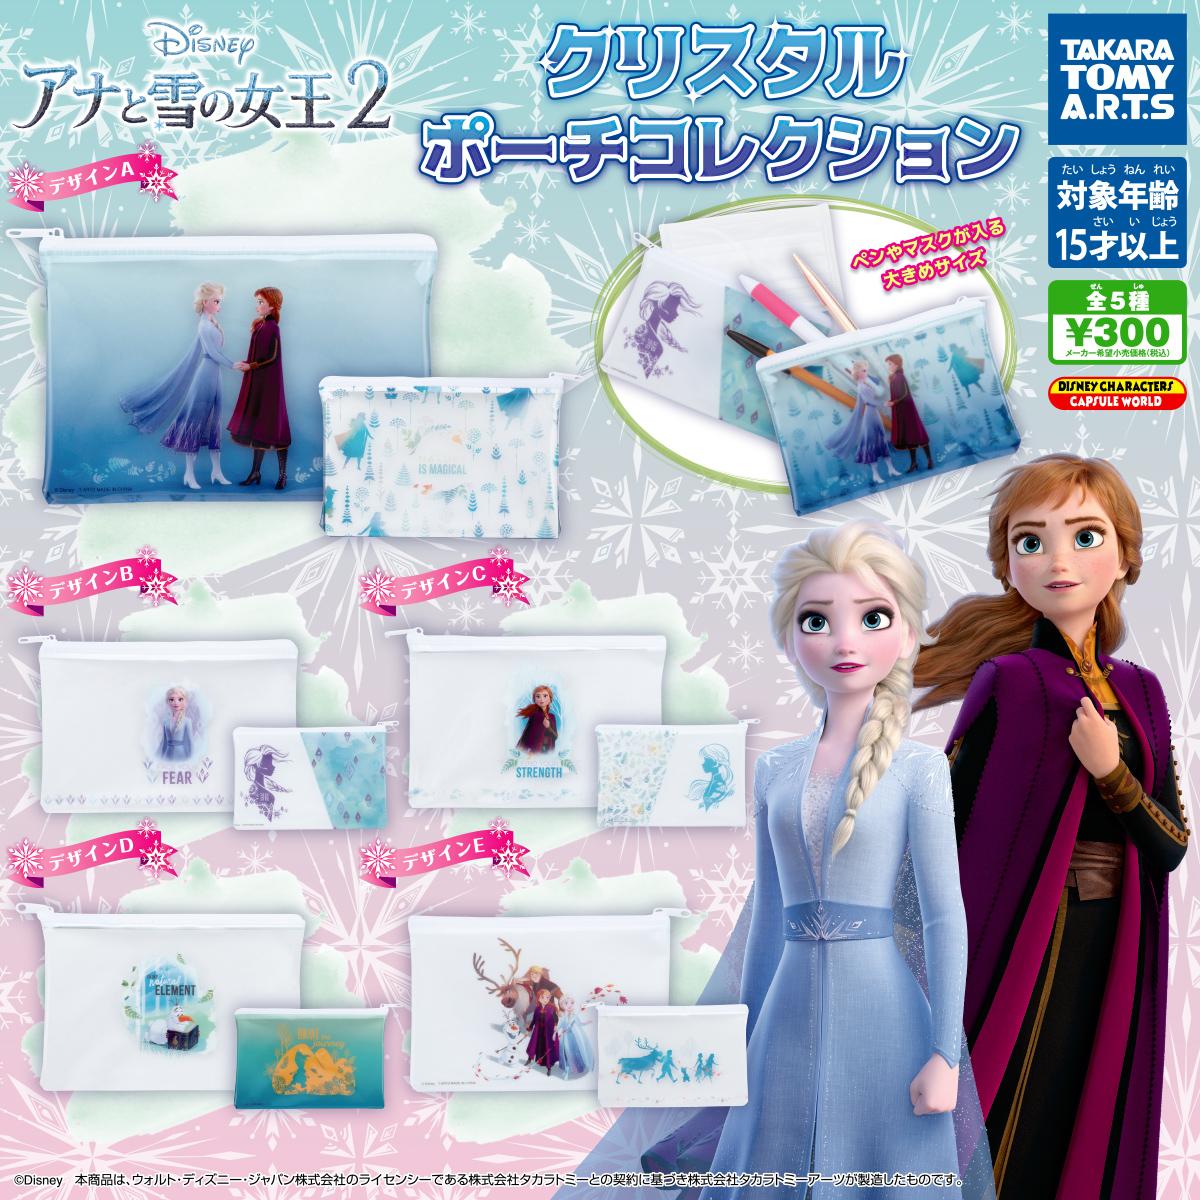 アナと雪の女王2<BR>クリスタルポーチコレクション